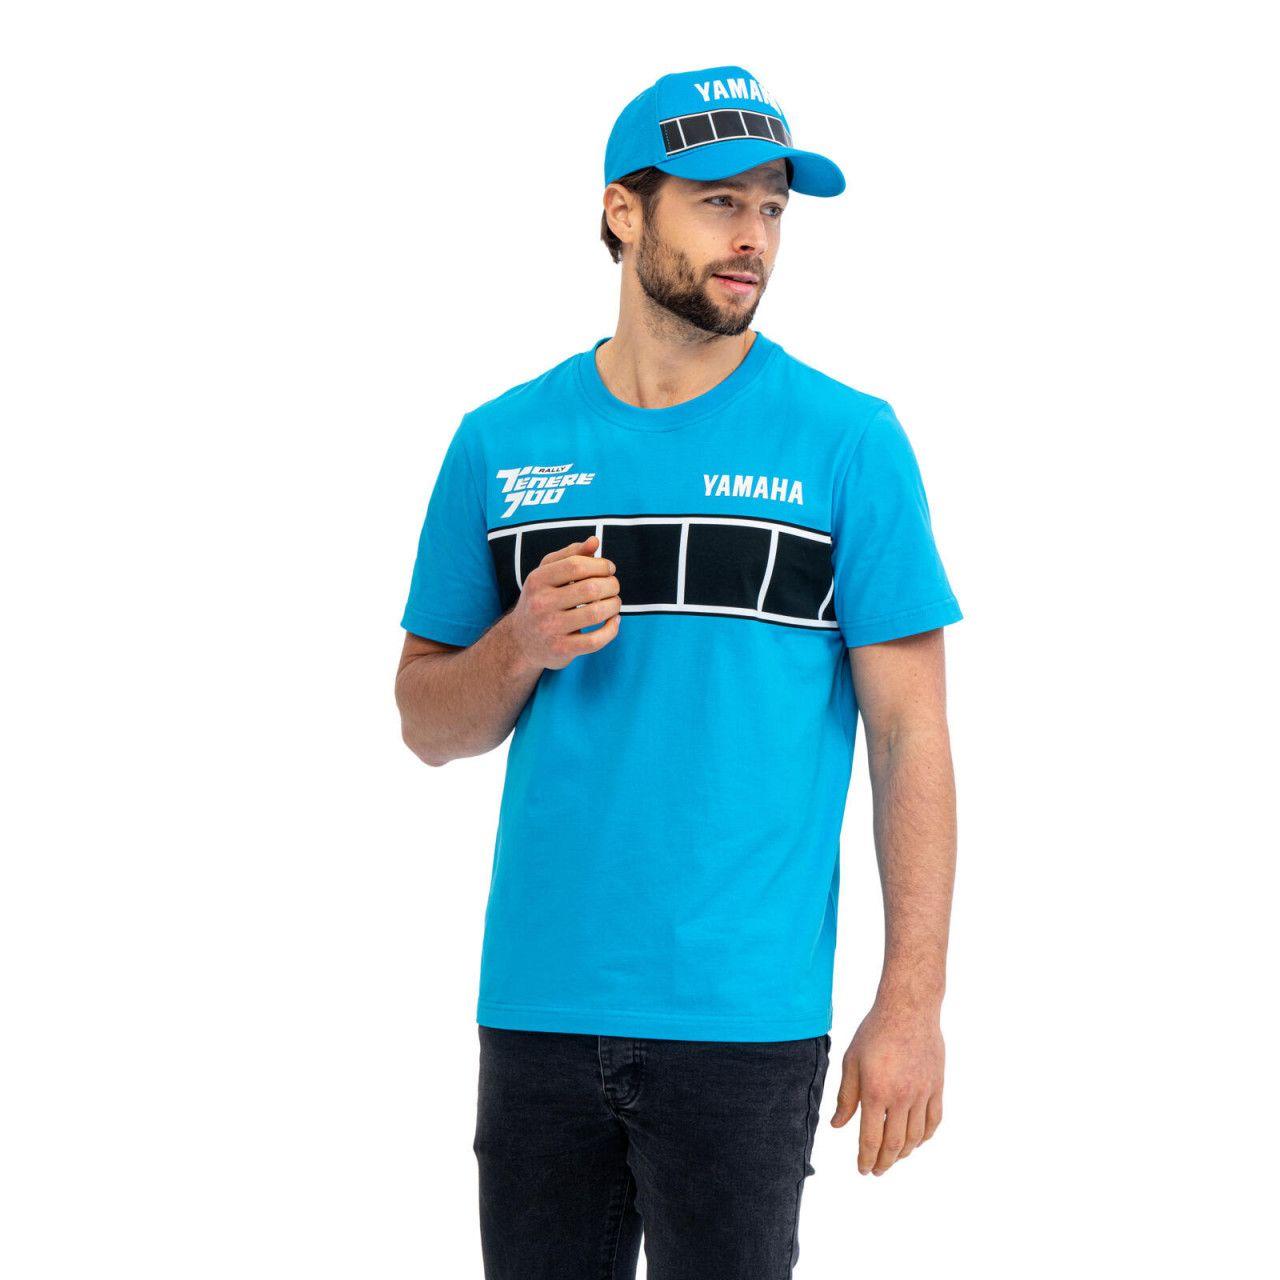 YAMAHA T-Shirt homme Ténéré 700 Rally 2021